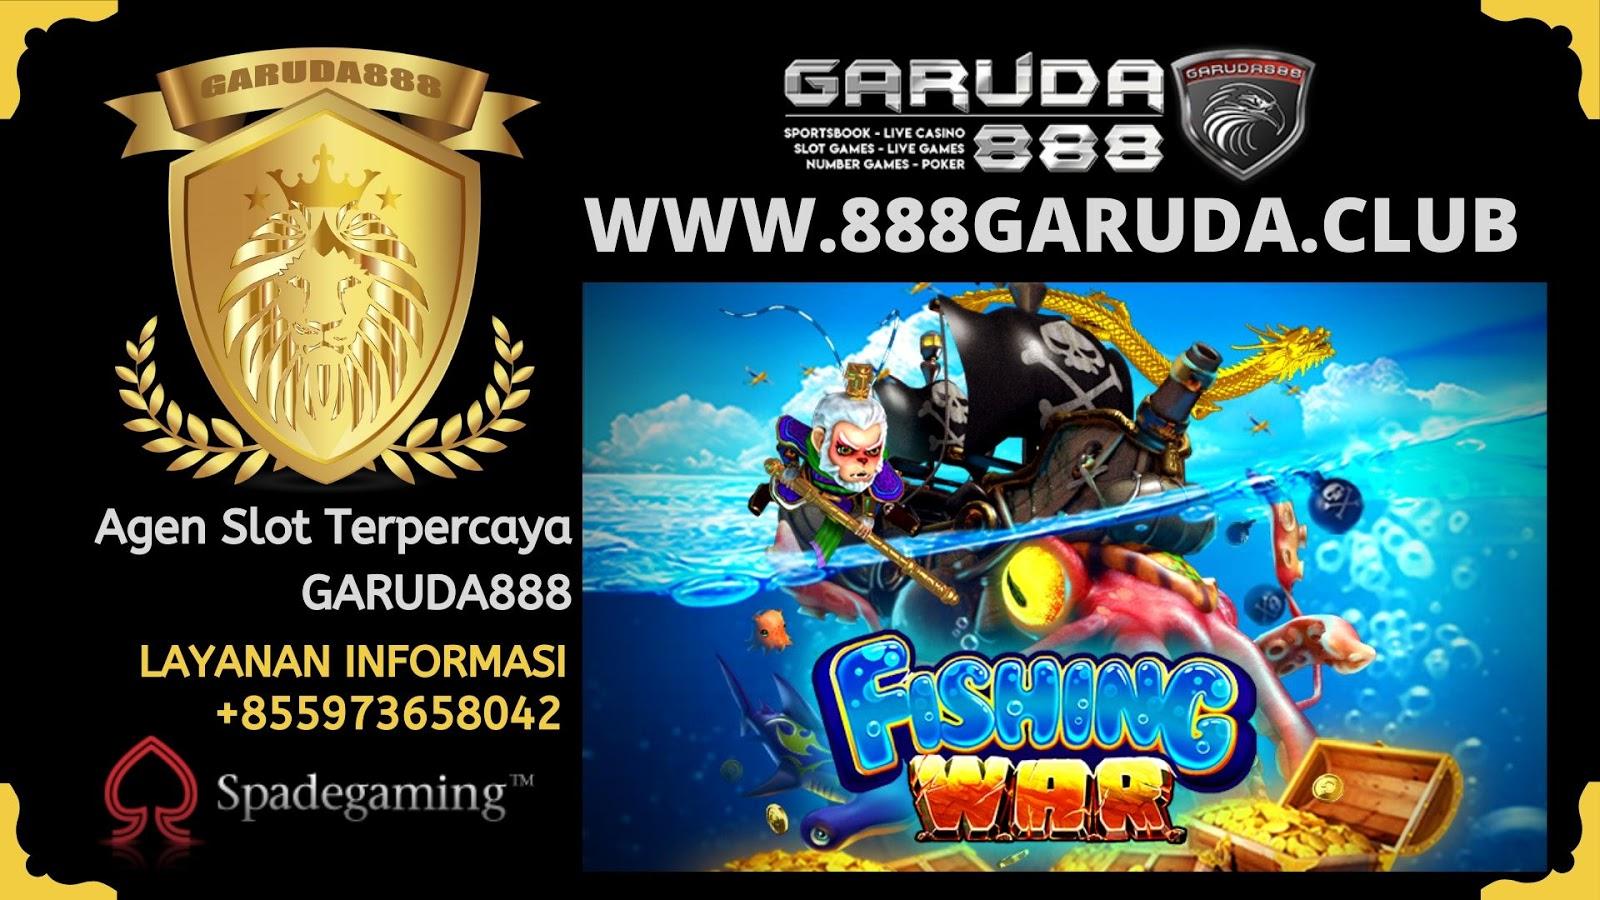 Ketahui Game Judi Tembak Ikan Online Yang Mudah Dimainkan - Tips Garuda888 Online